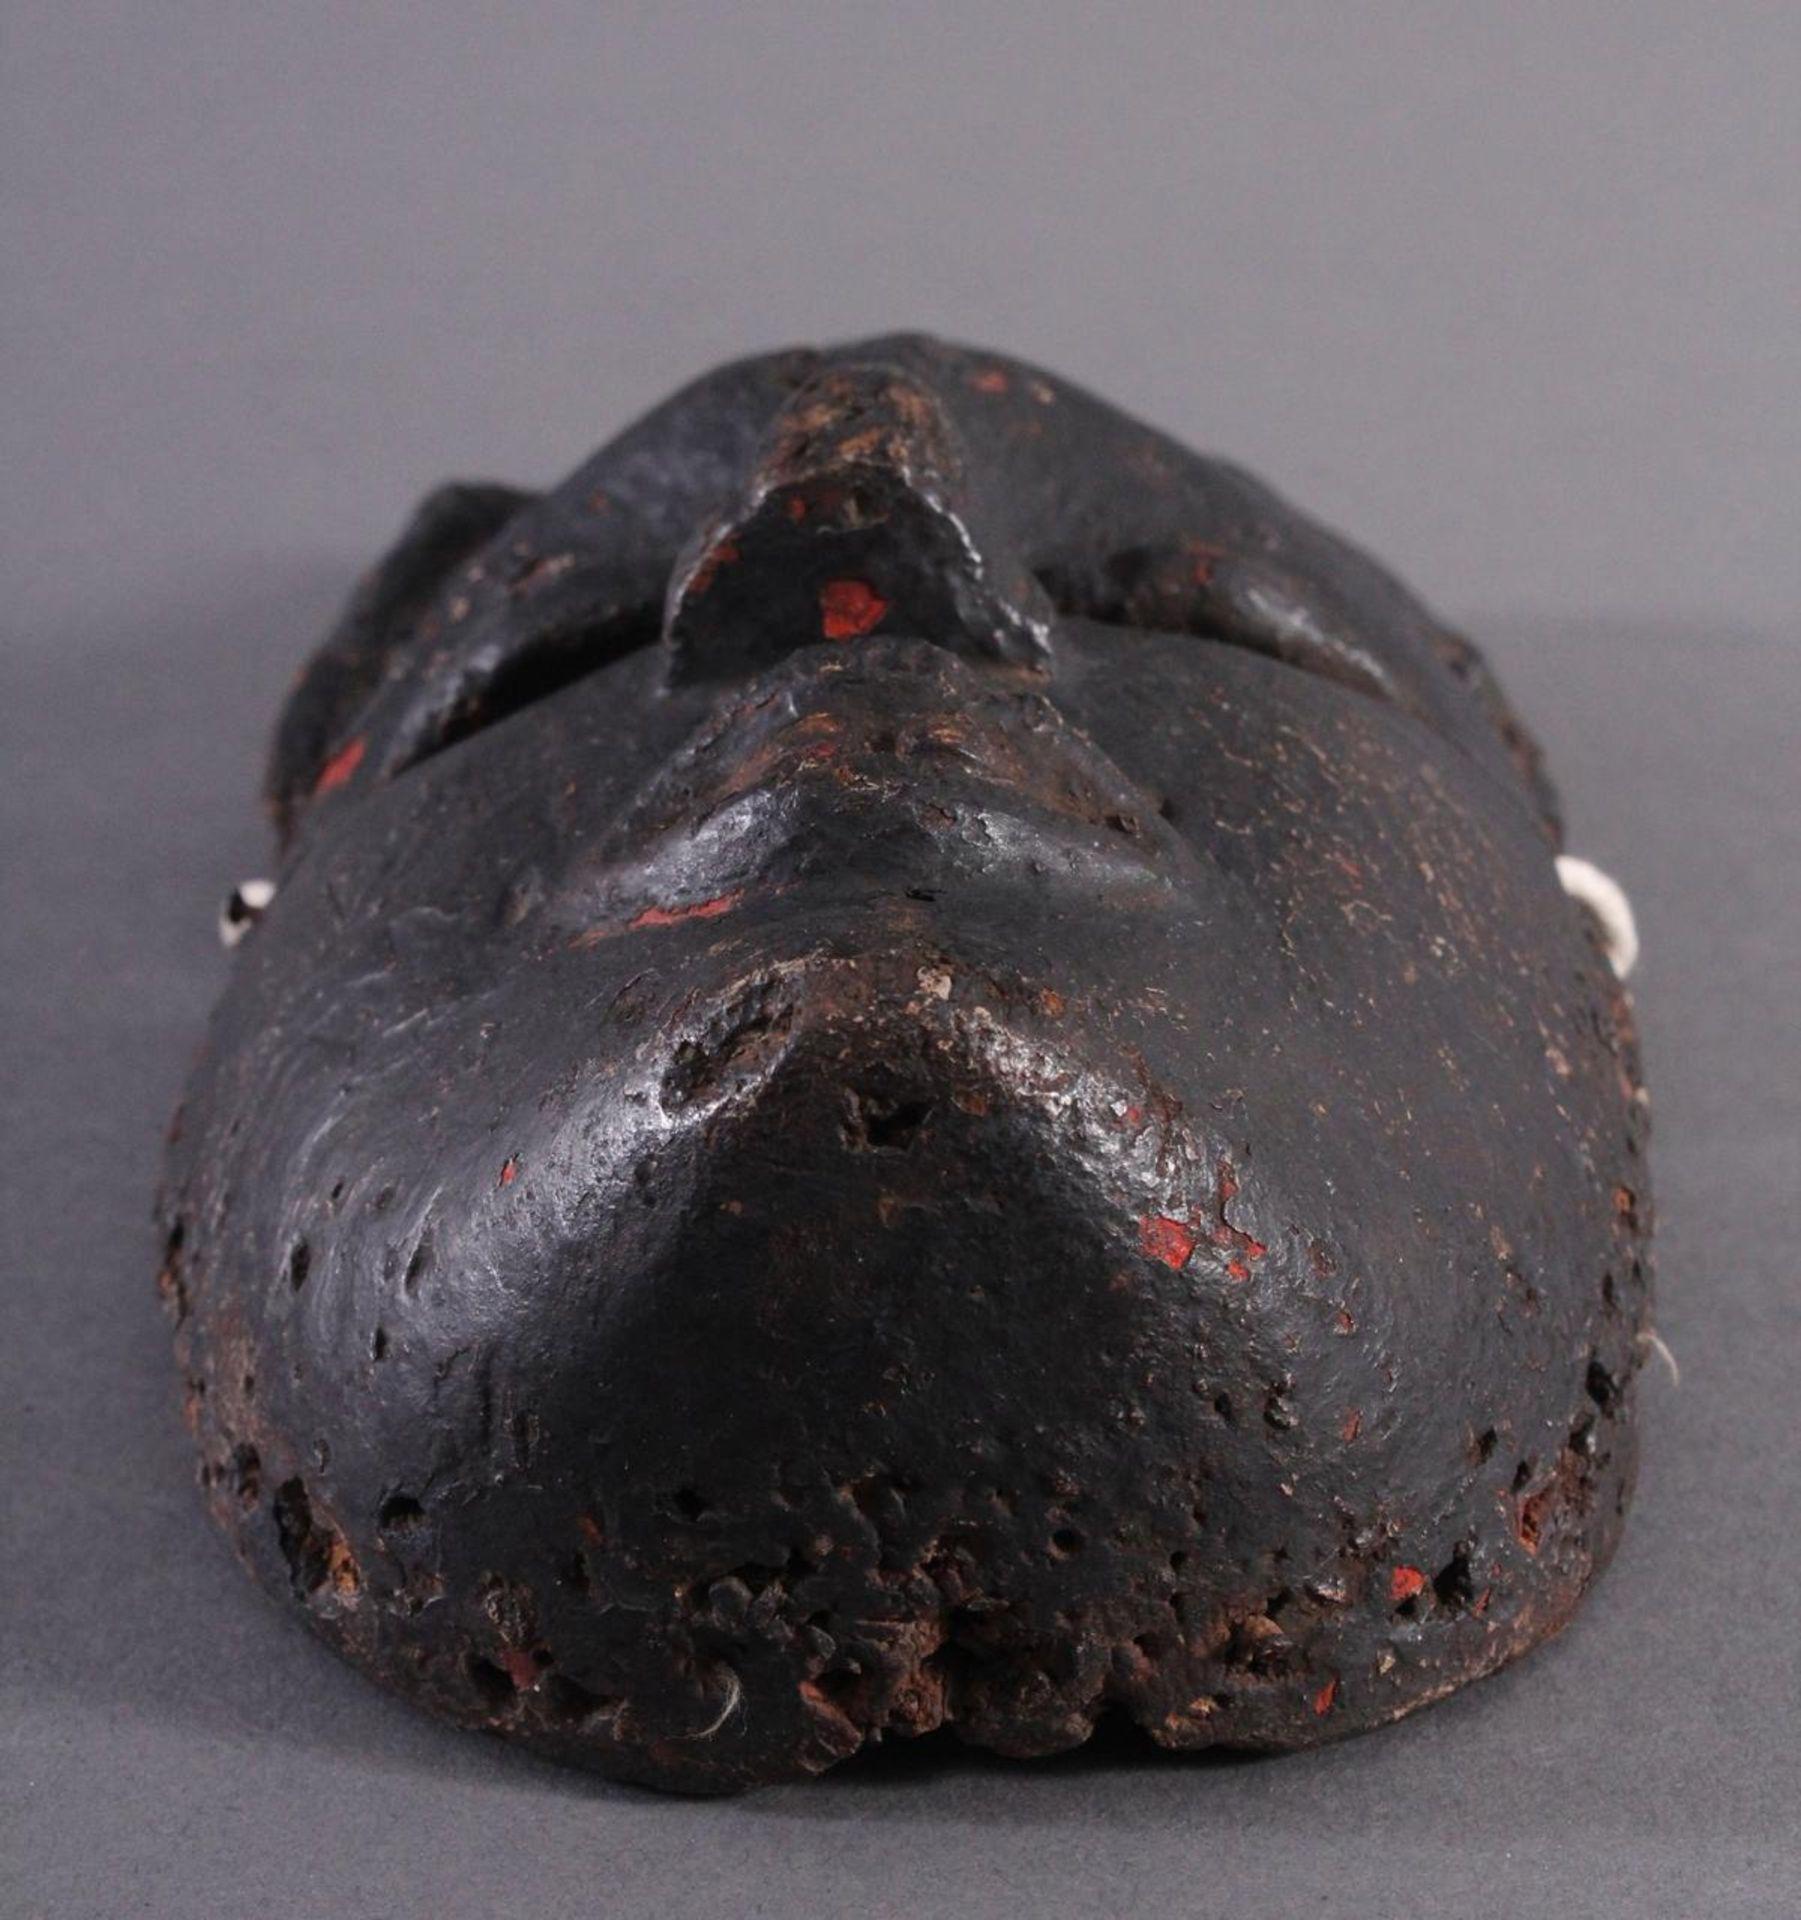 Antike Afrikanische Maske, 1. Hälfte 20. Jh.Braunes Holz, rot bemalt, schwarze Patina mit - Bild 5 aus 6